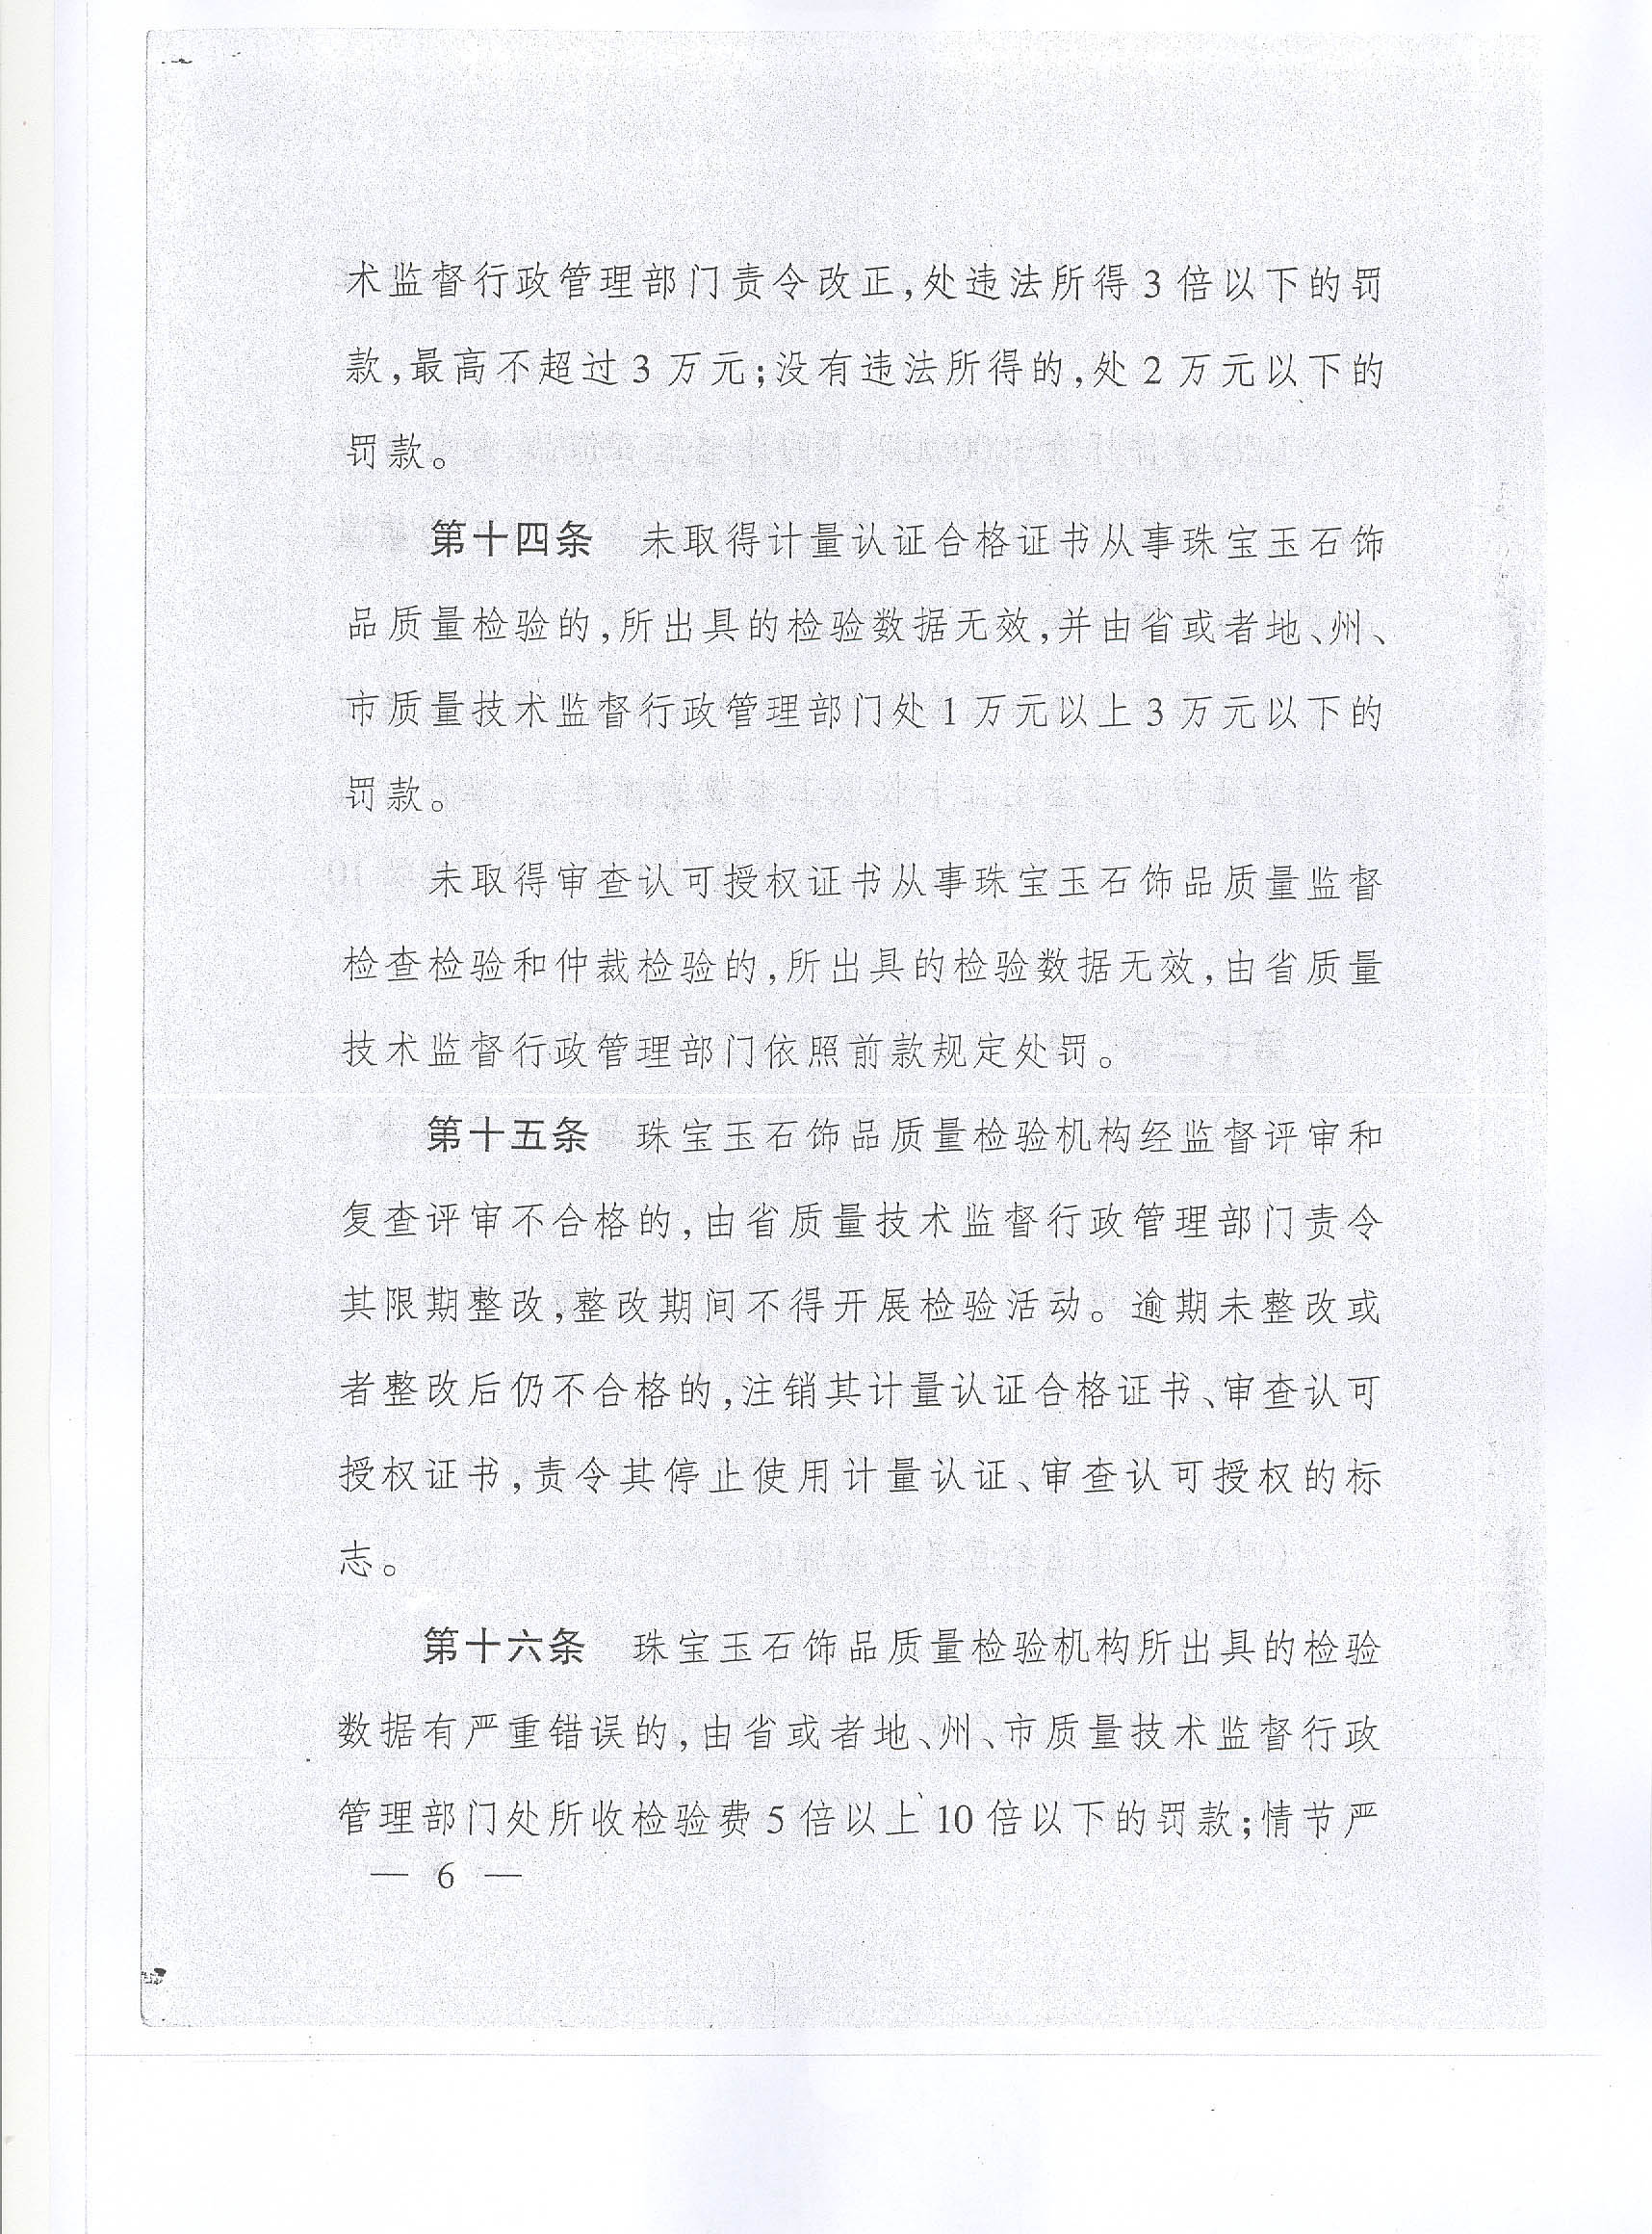 95-6.jpg